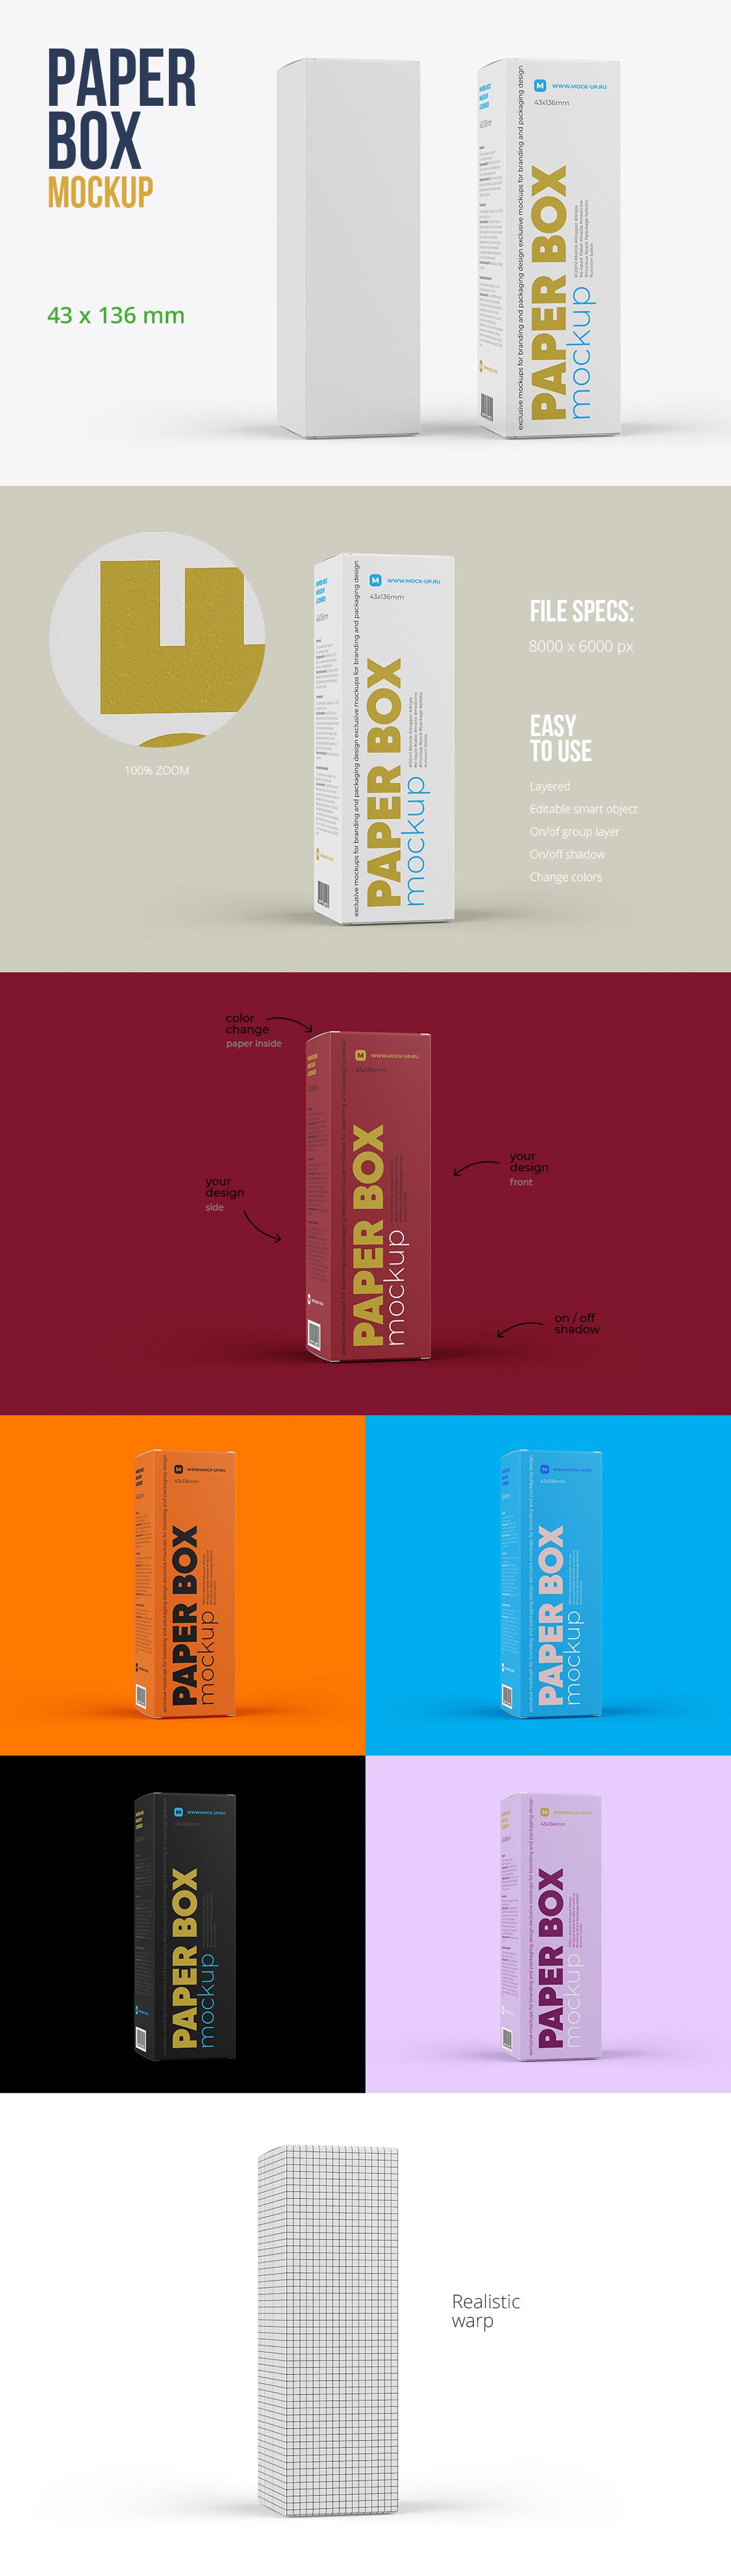 Paper Box Mockup 43x136mm